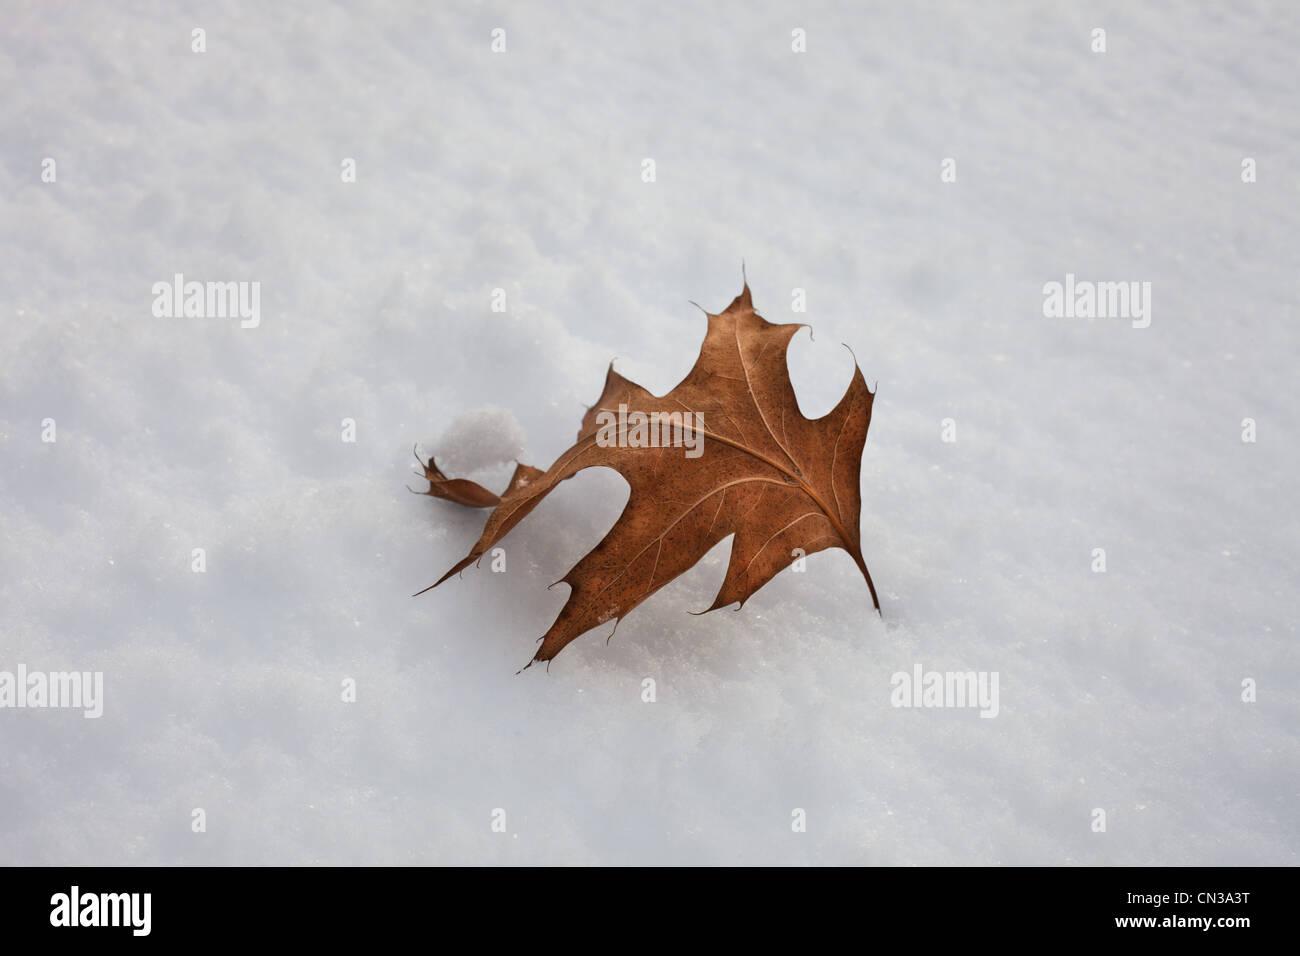 Hoja única en la nieve. Imagen De Stock